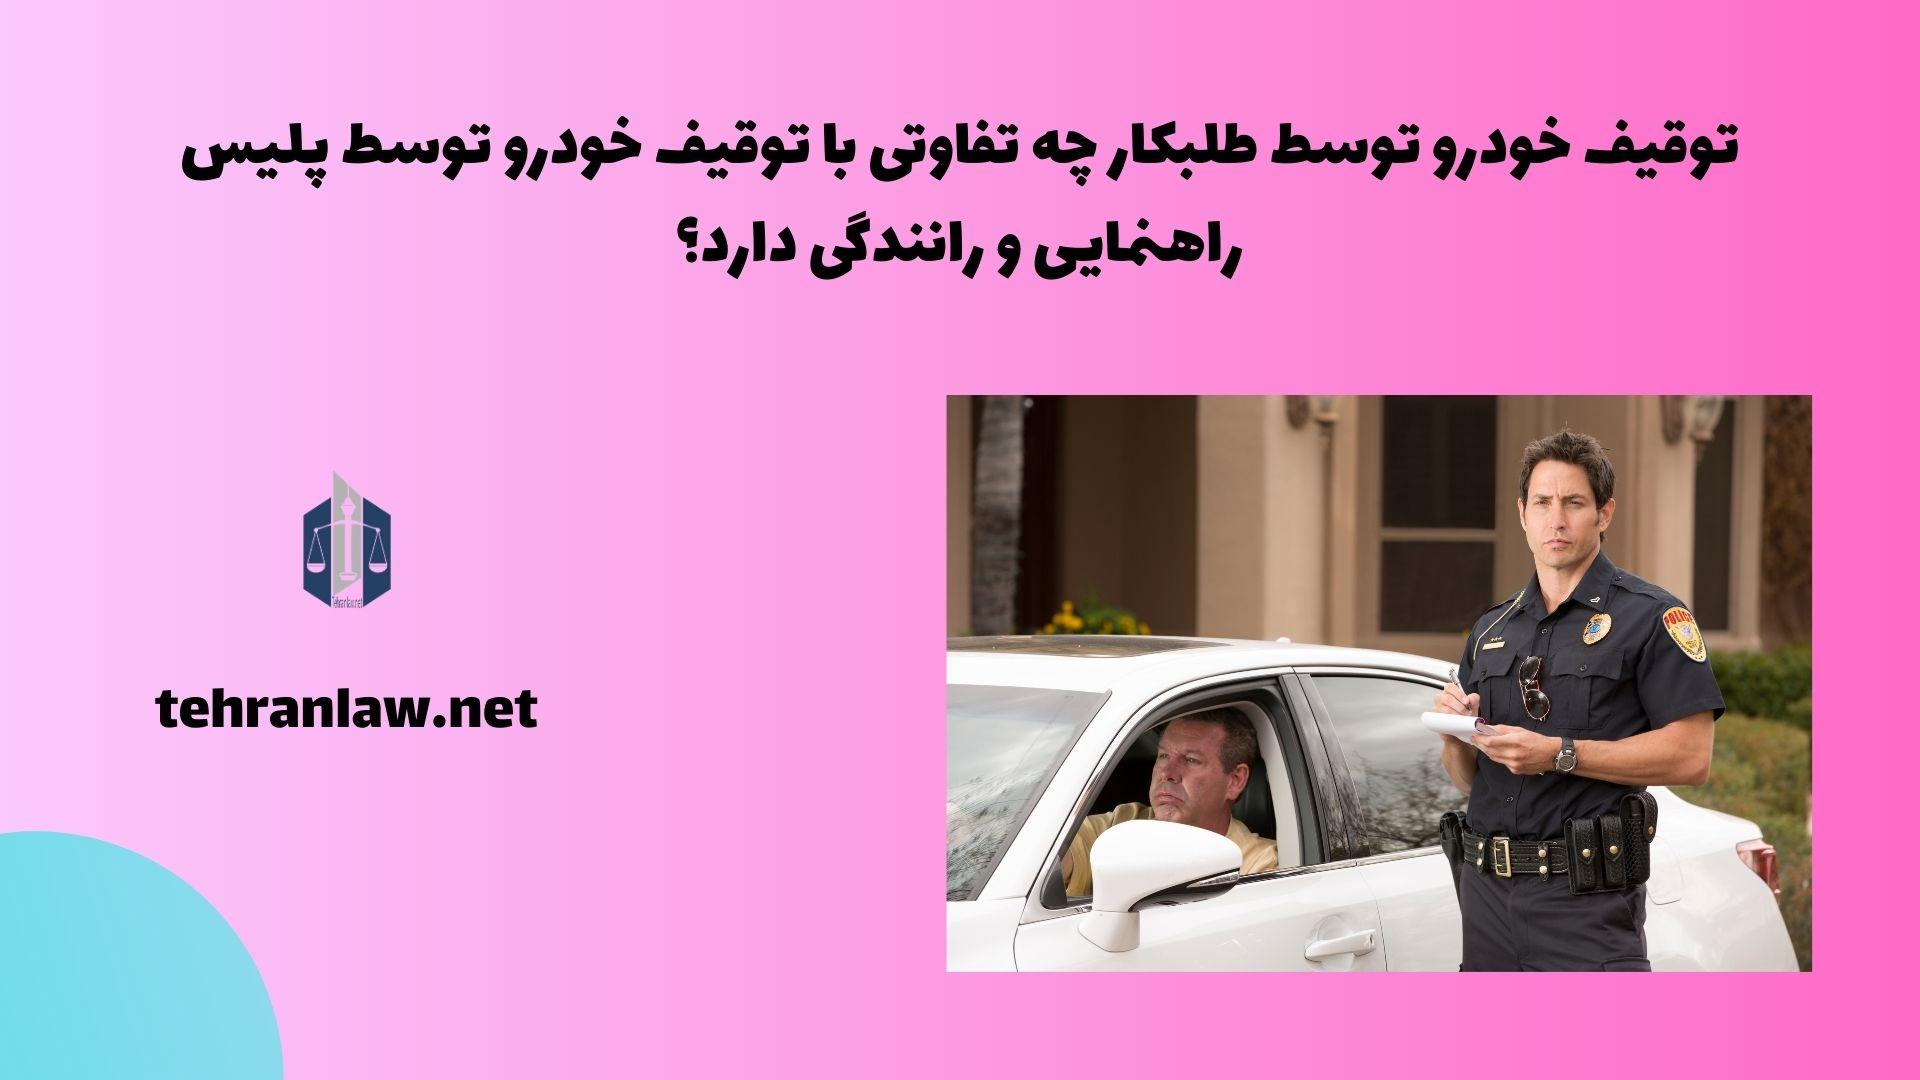 توقیف خودرو توسط طلبکار چه تفاوتی با توقیف خودرو توسط پلیس راهنمایی و رانندگی دارد؟